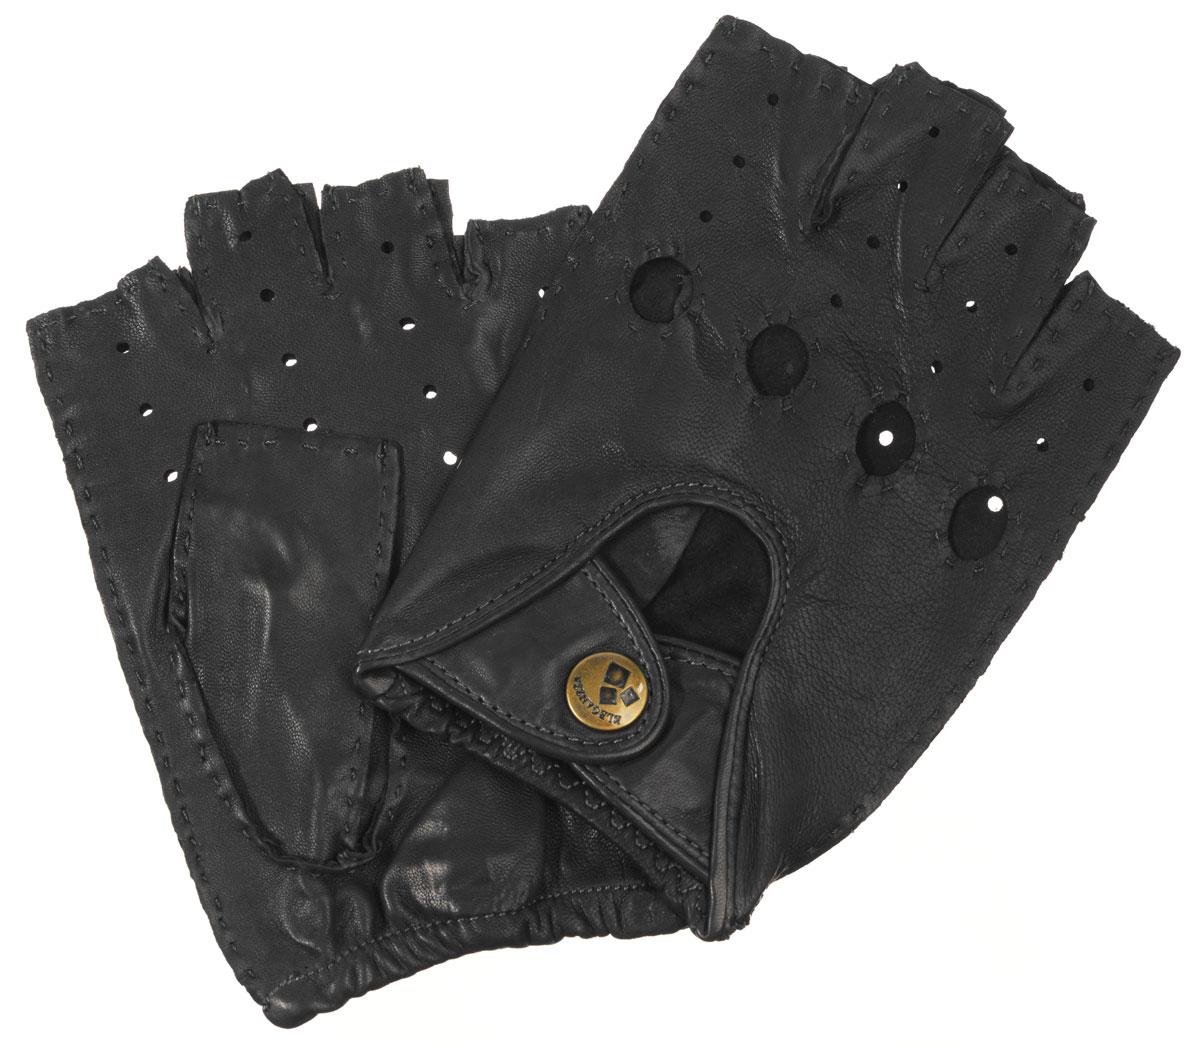 HS012MМитенки Eleganzza изготовлены из натуральной кожи ягненка. Декорирована модель перфорированным узором, вырезами под косточки пальцев и двумя ремешками на кнопке. На ладонной стороне изделия манжеты собраны на резинку. В отличие от обычных кожаных перчаток, в них рука не теряет гибкости и подвижности, пальцы столь же чувствительны и точны, руку можно сжать в кулак беспрепятственно.